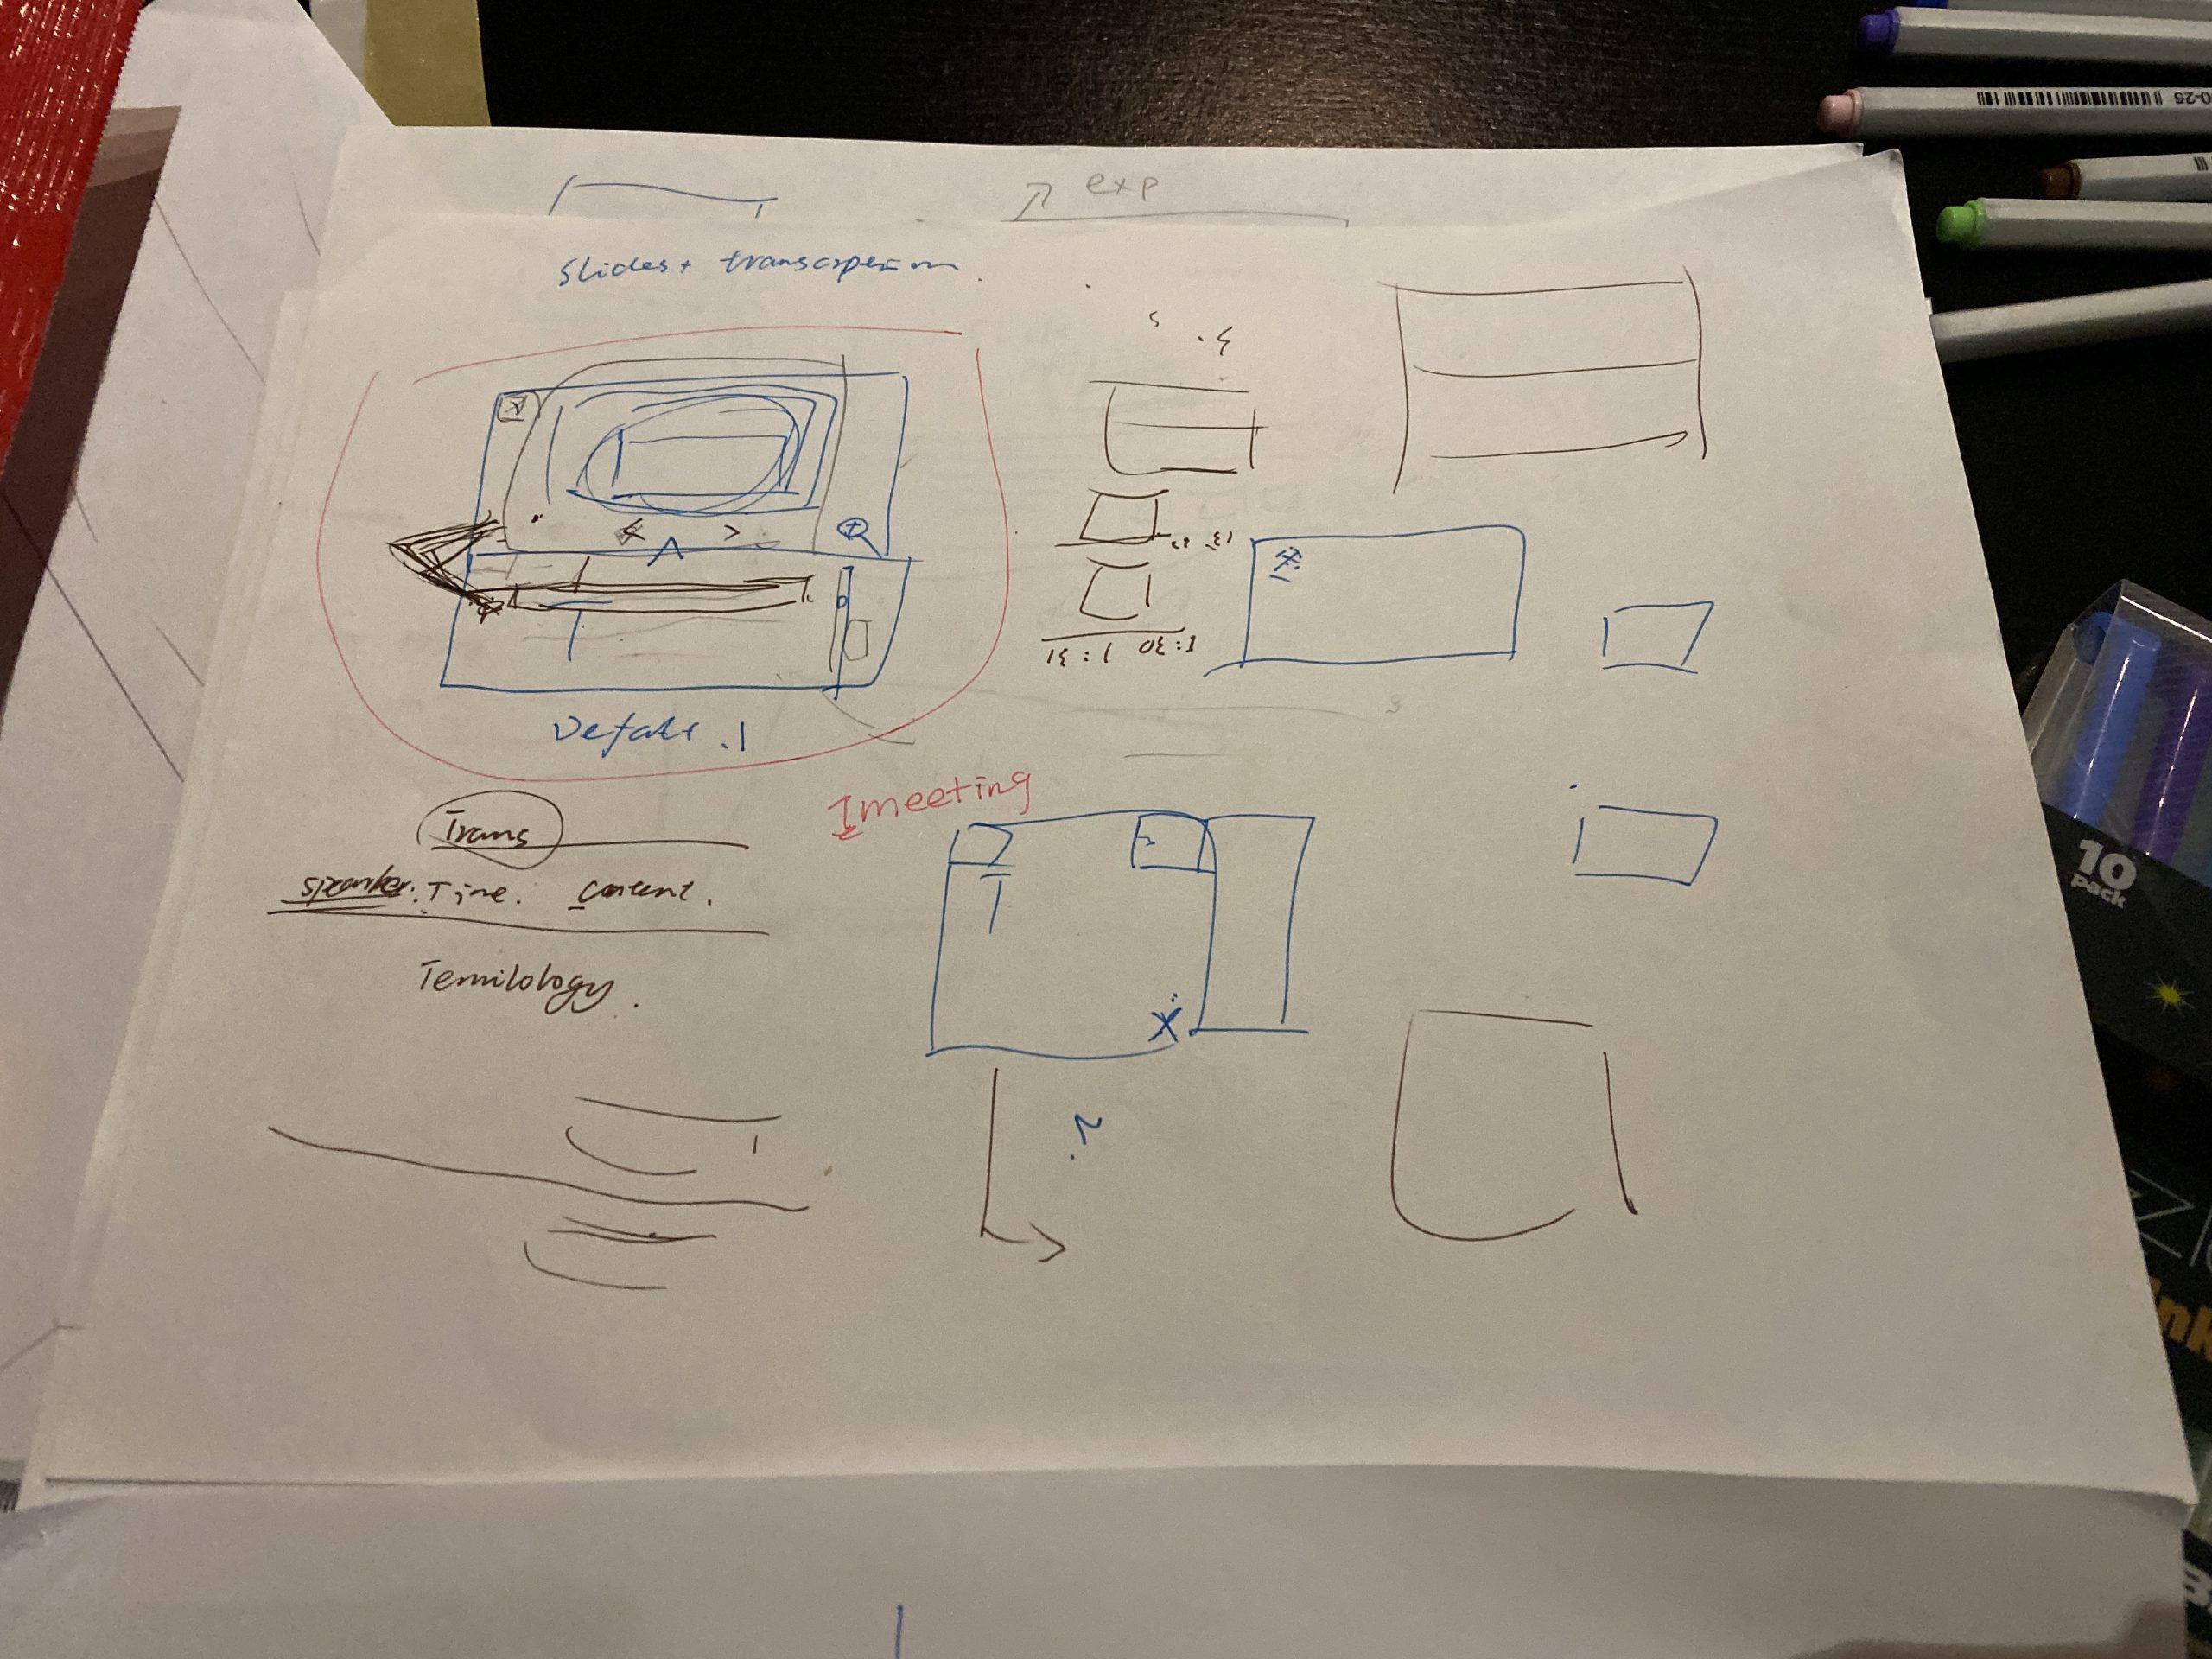 lo-fi sketch